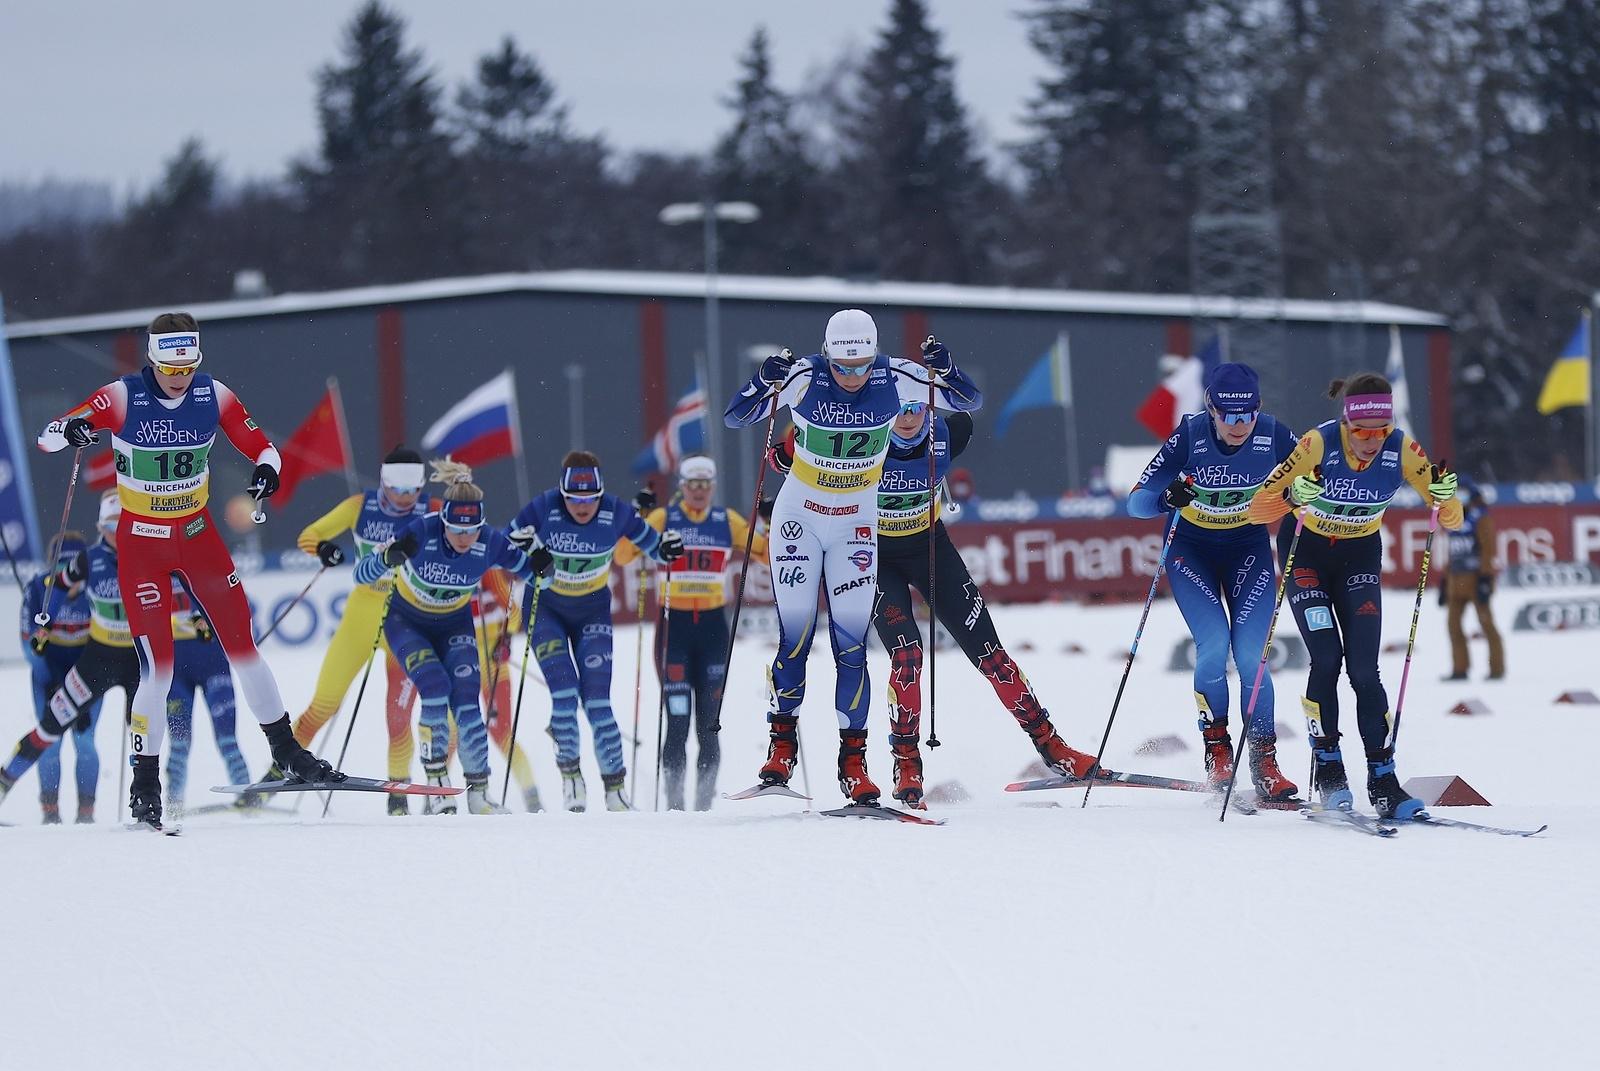 Världscupen i Ulricehamn 2021Teamsprint